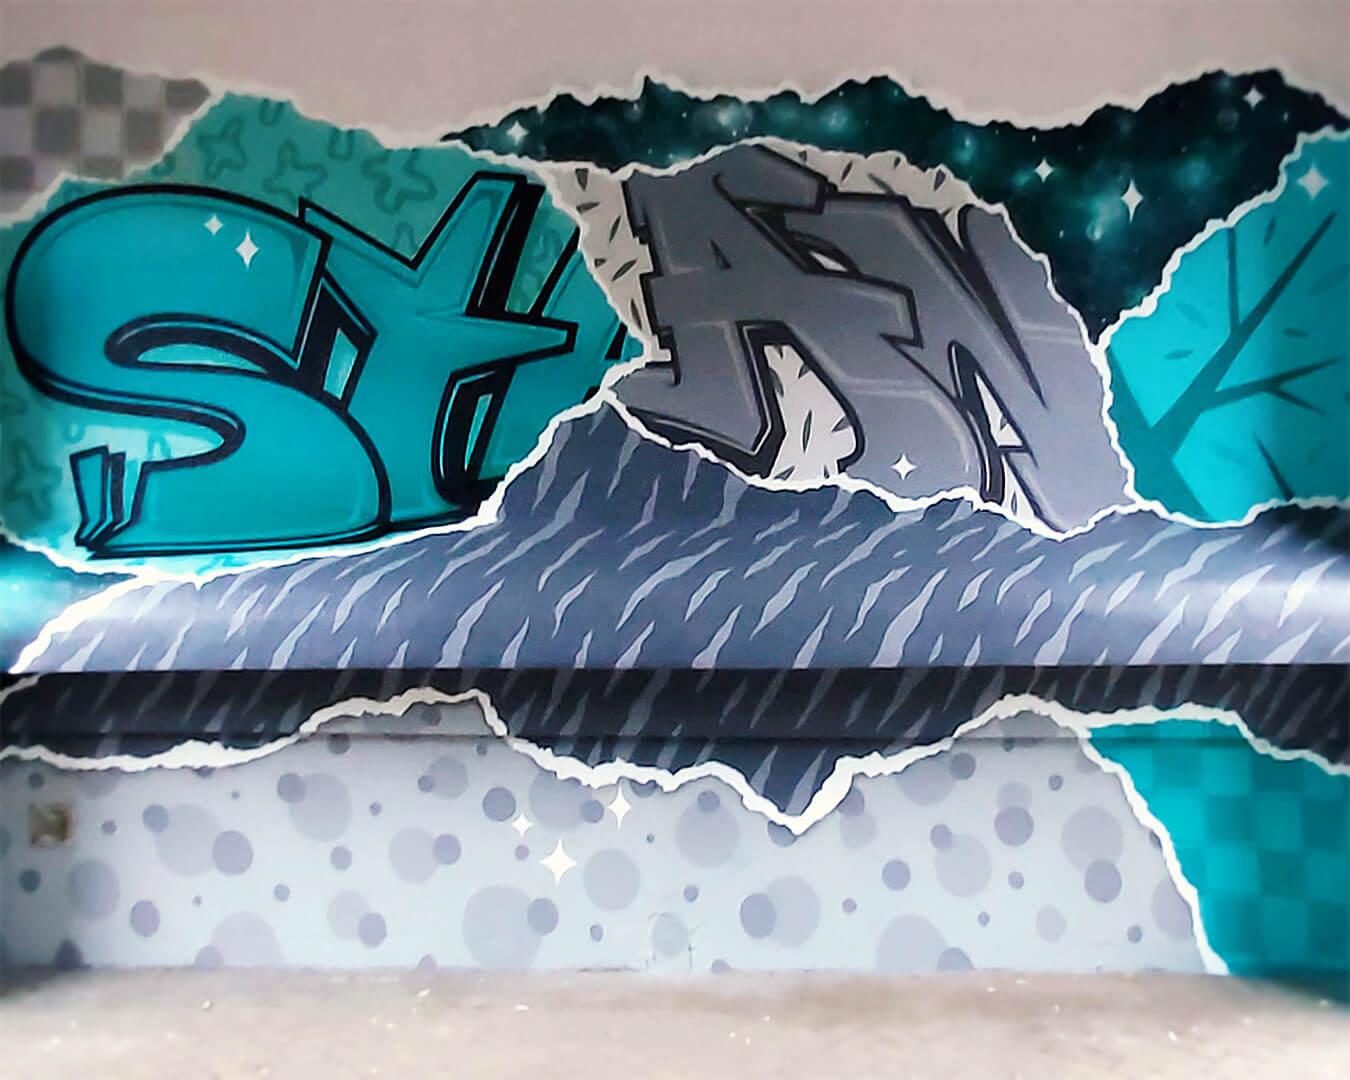 """Graffiti Hausdurchgang """"Stadt und Land"""" Berlin Hellersdorf türkise Wand mit Typografie"""